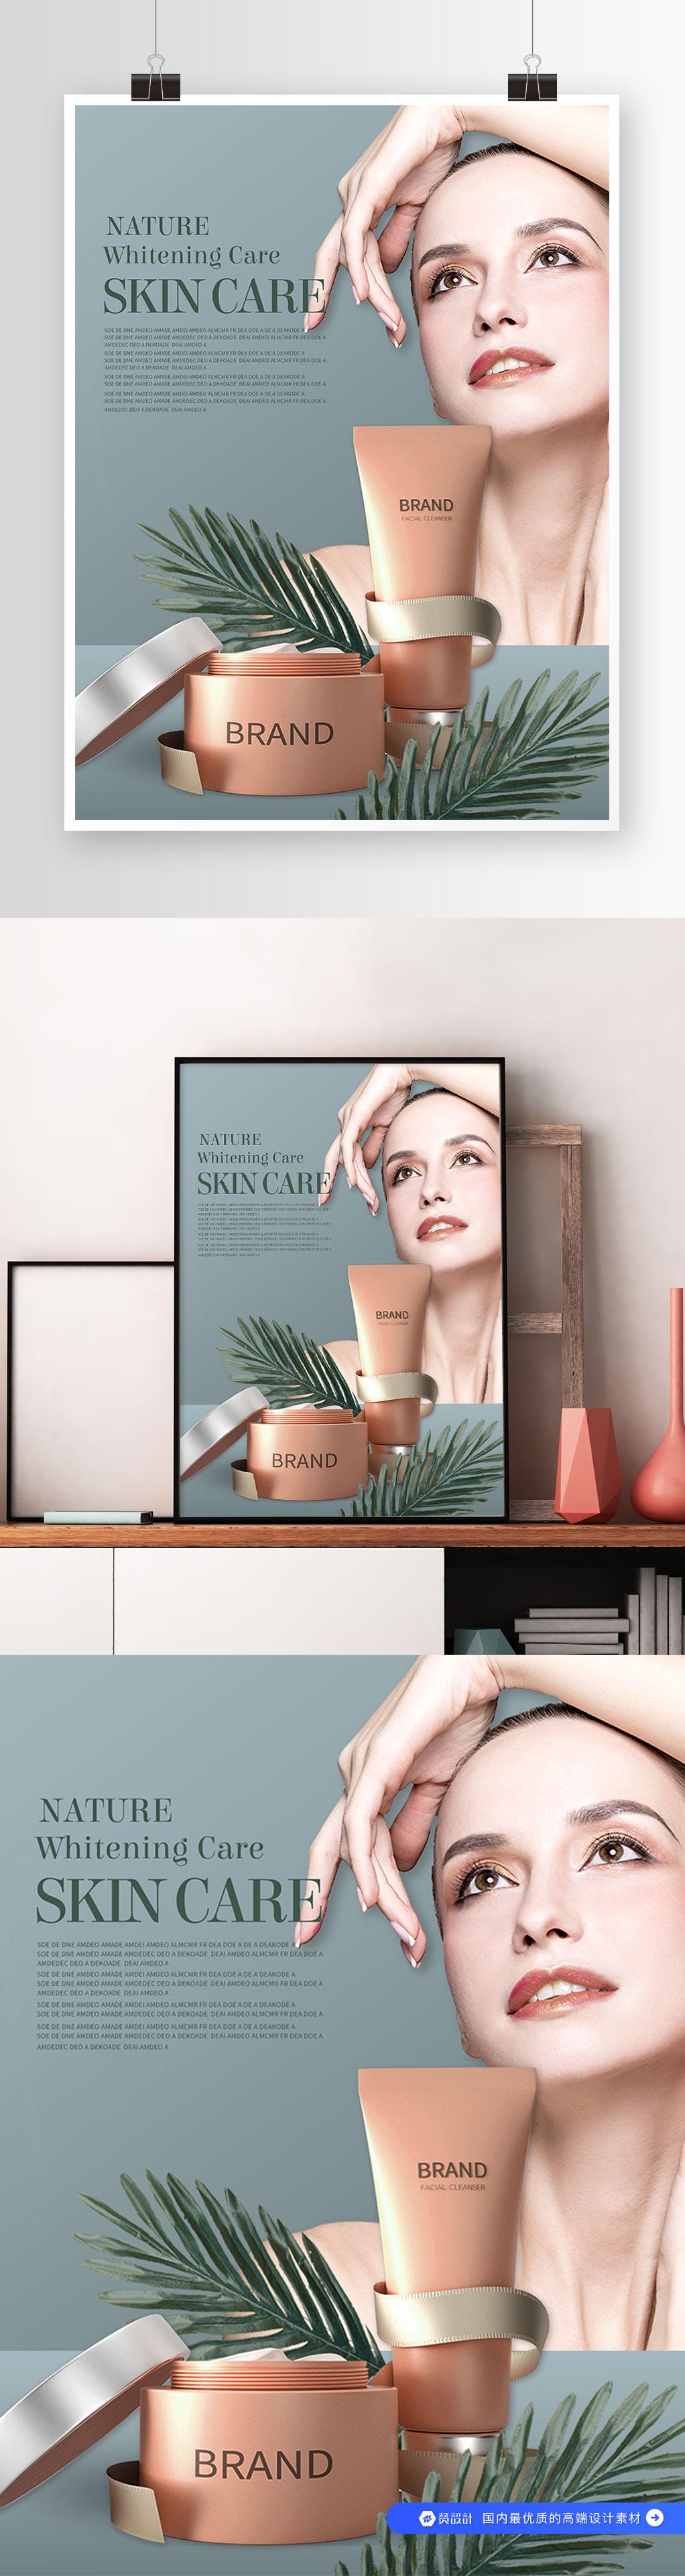 美白化妆品护肤品美女创意宣传海报设计